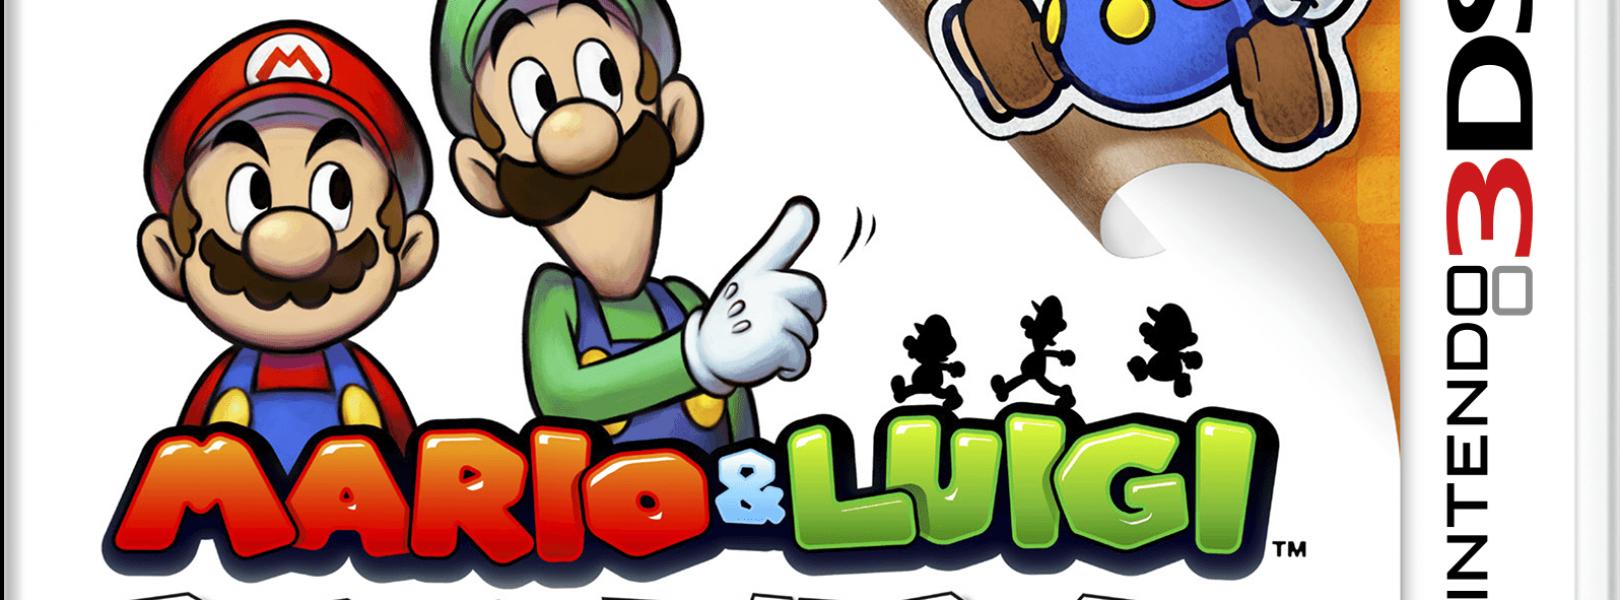 Mario Luigi Paper Jam Capsule Computers